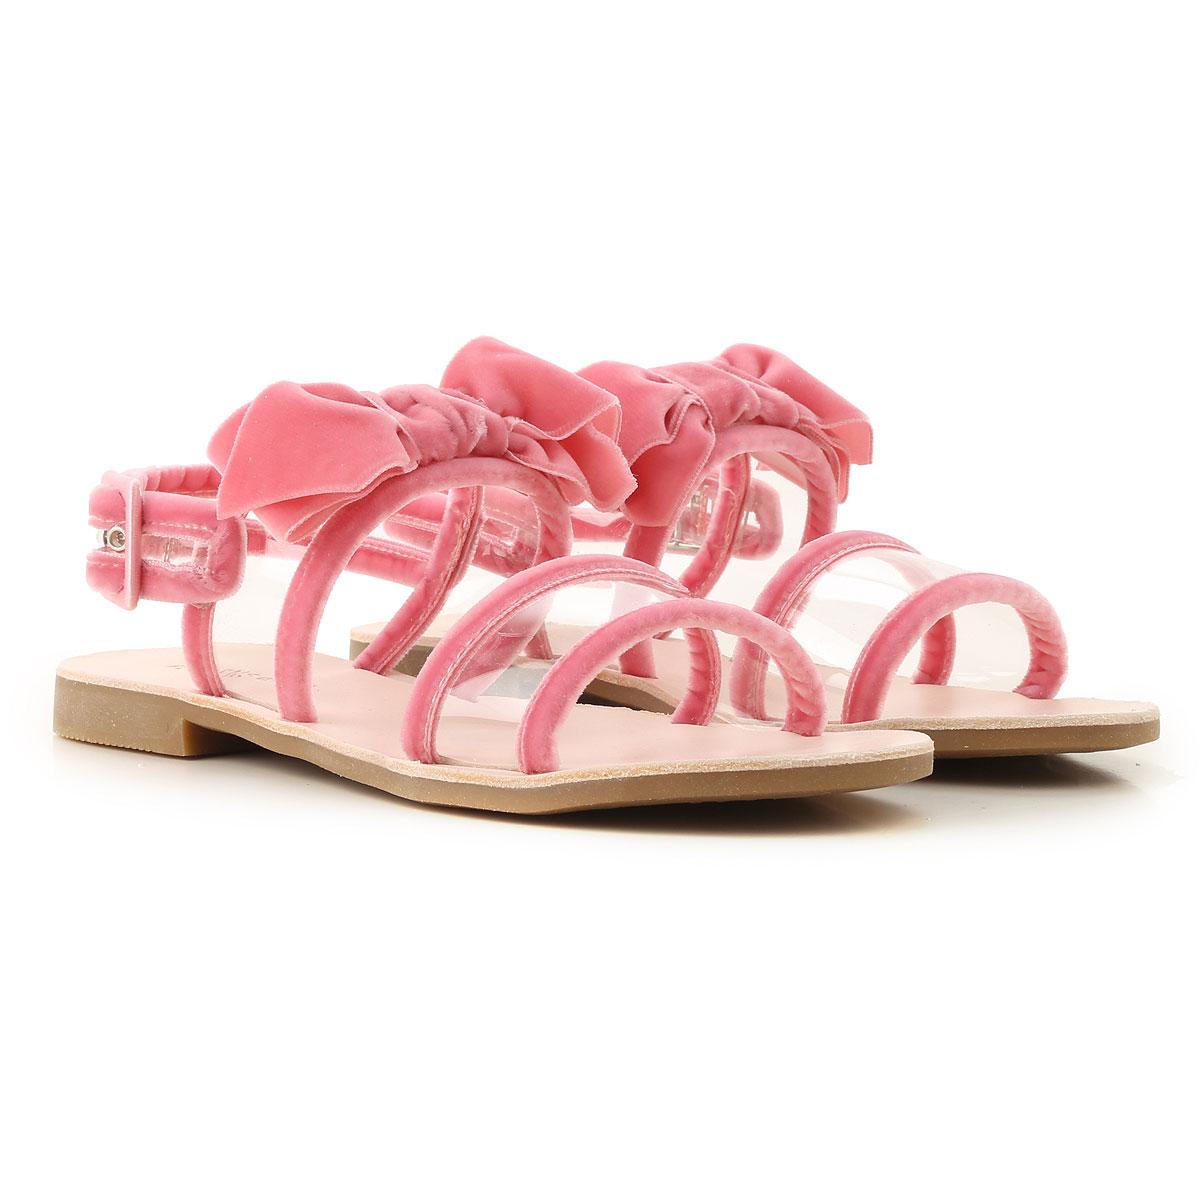 Florens Kids Shoes for Girls On Sale, Pink, Velvet, 2019, 28 30 33 34 38